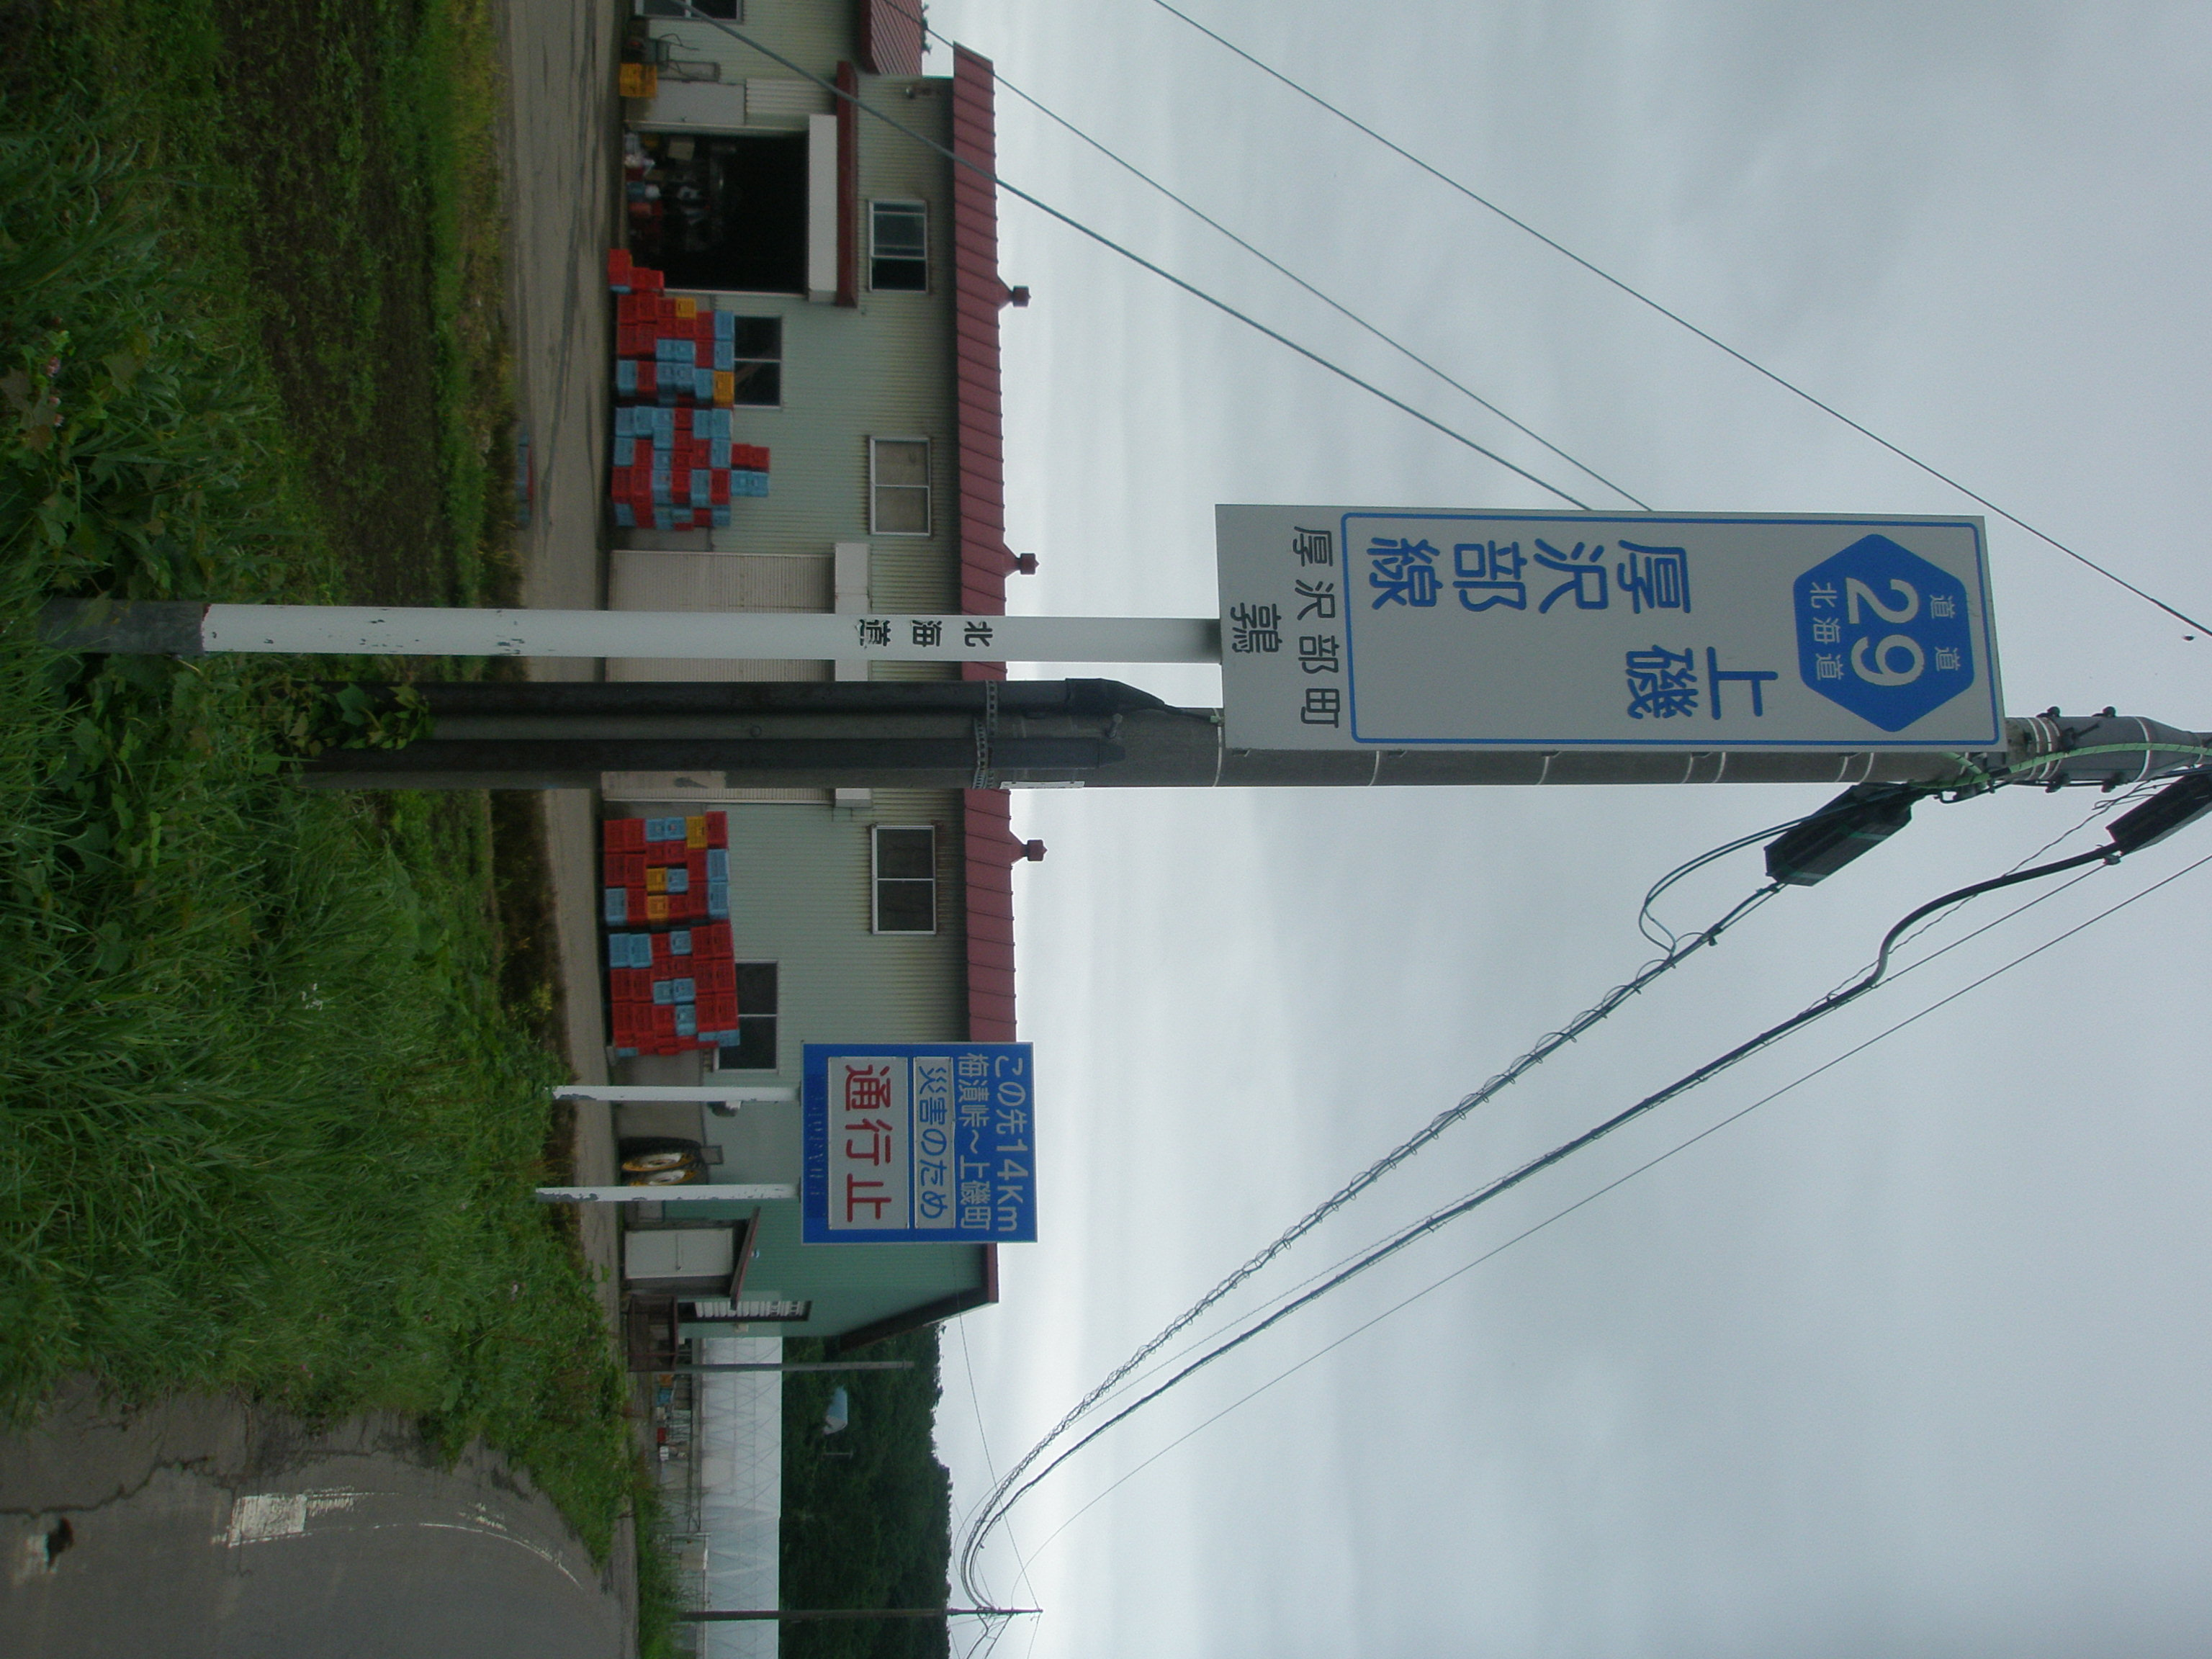 北海道 通行止め